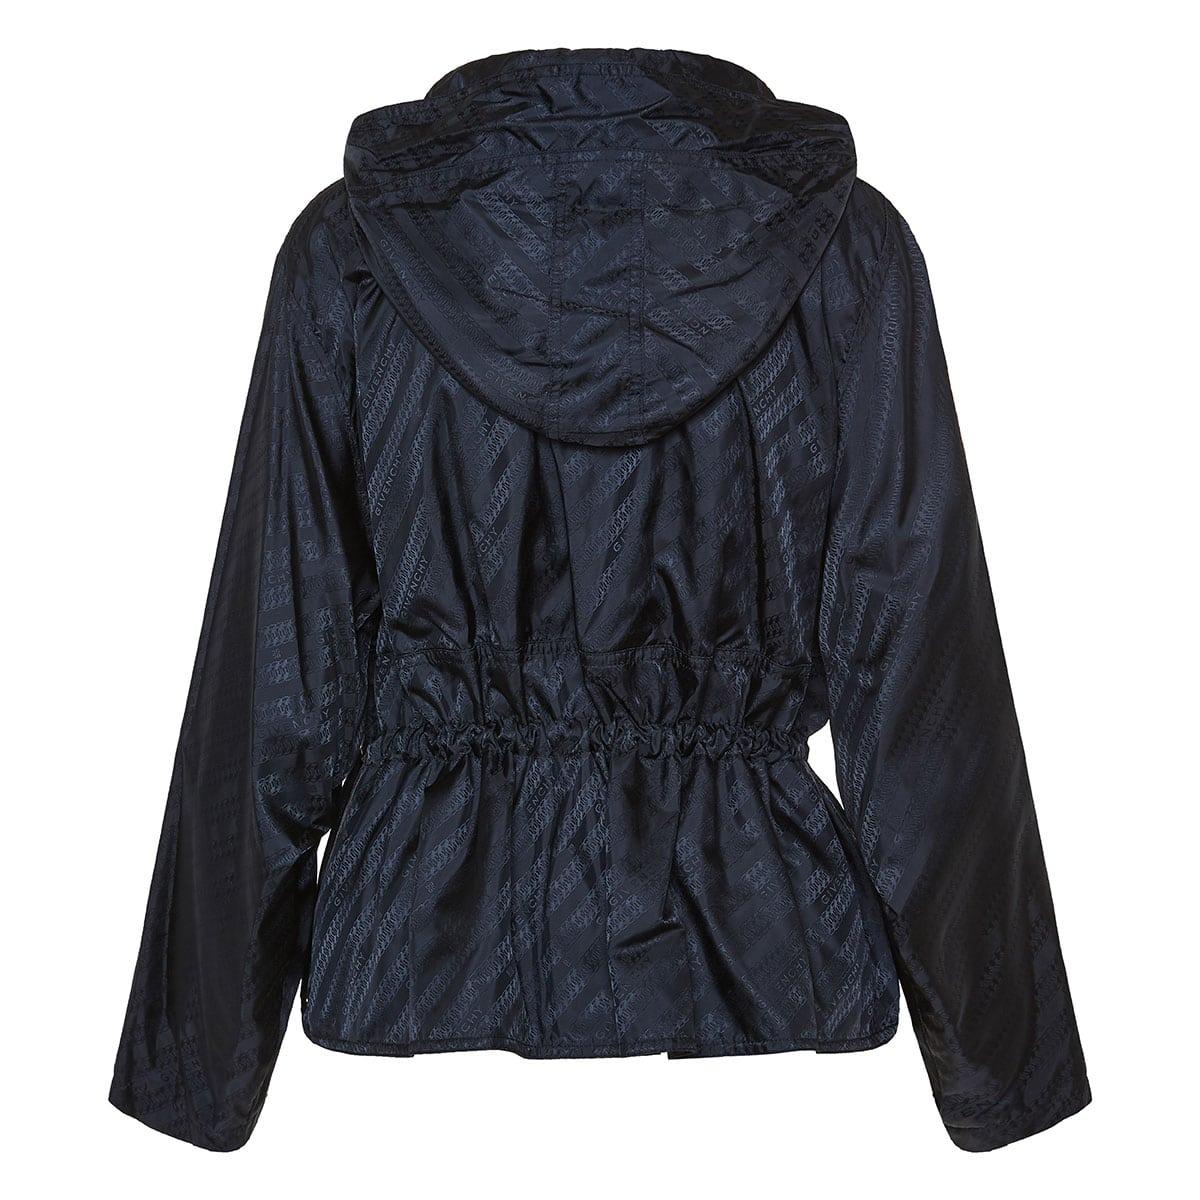 Jacquard nylon logo jacket